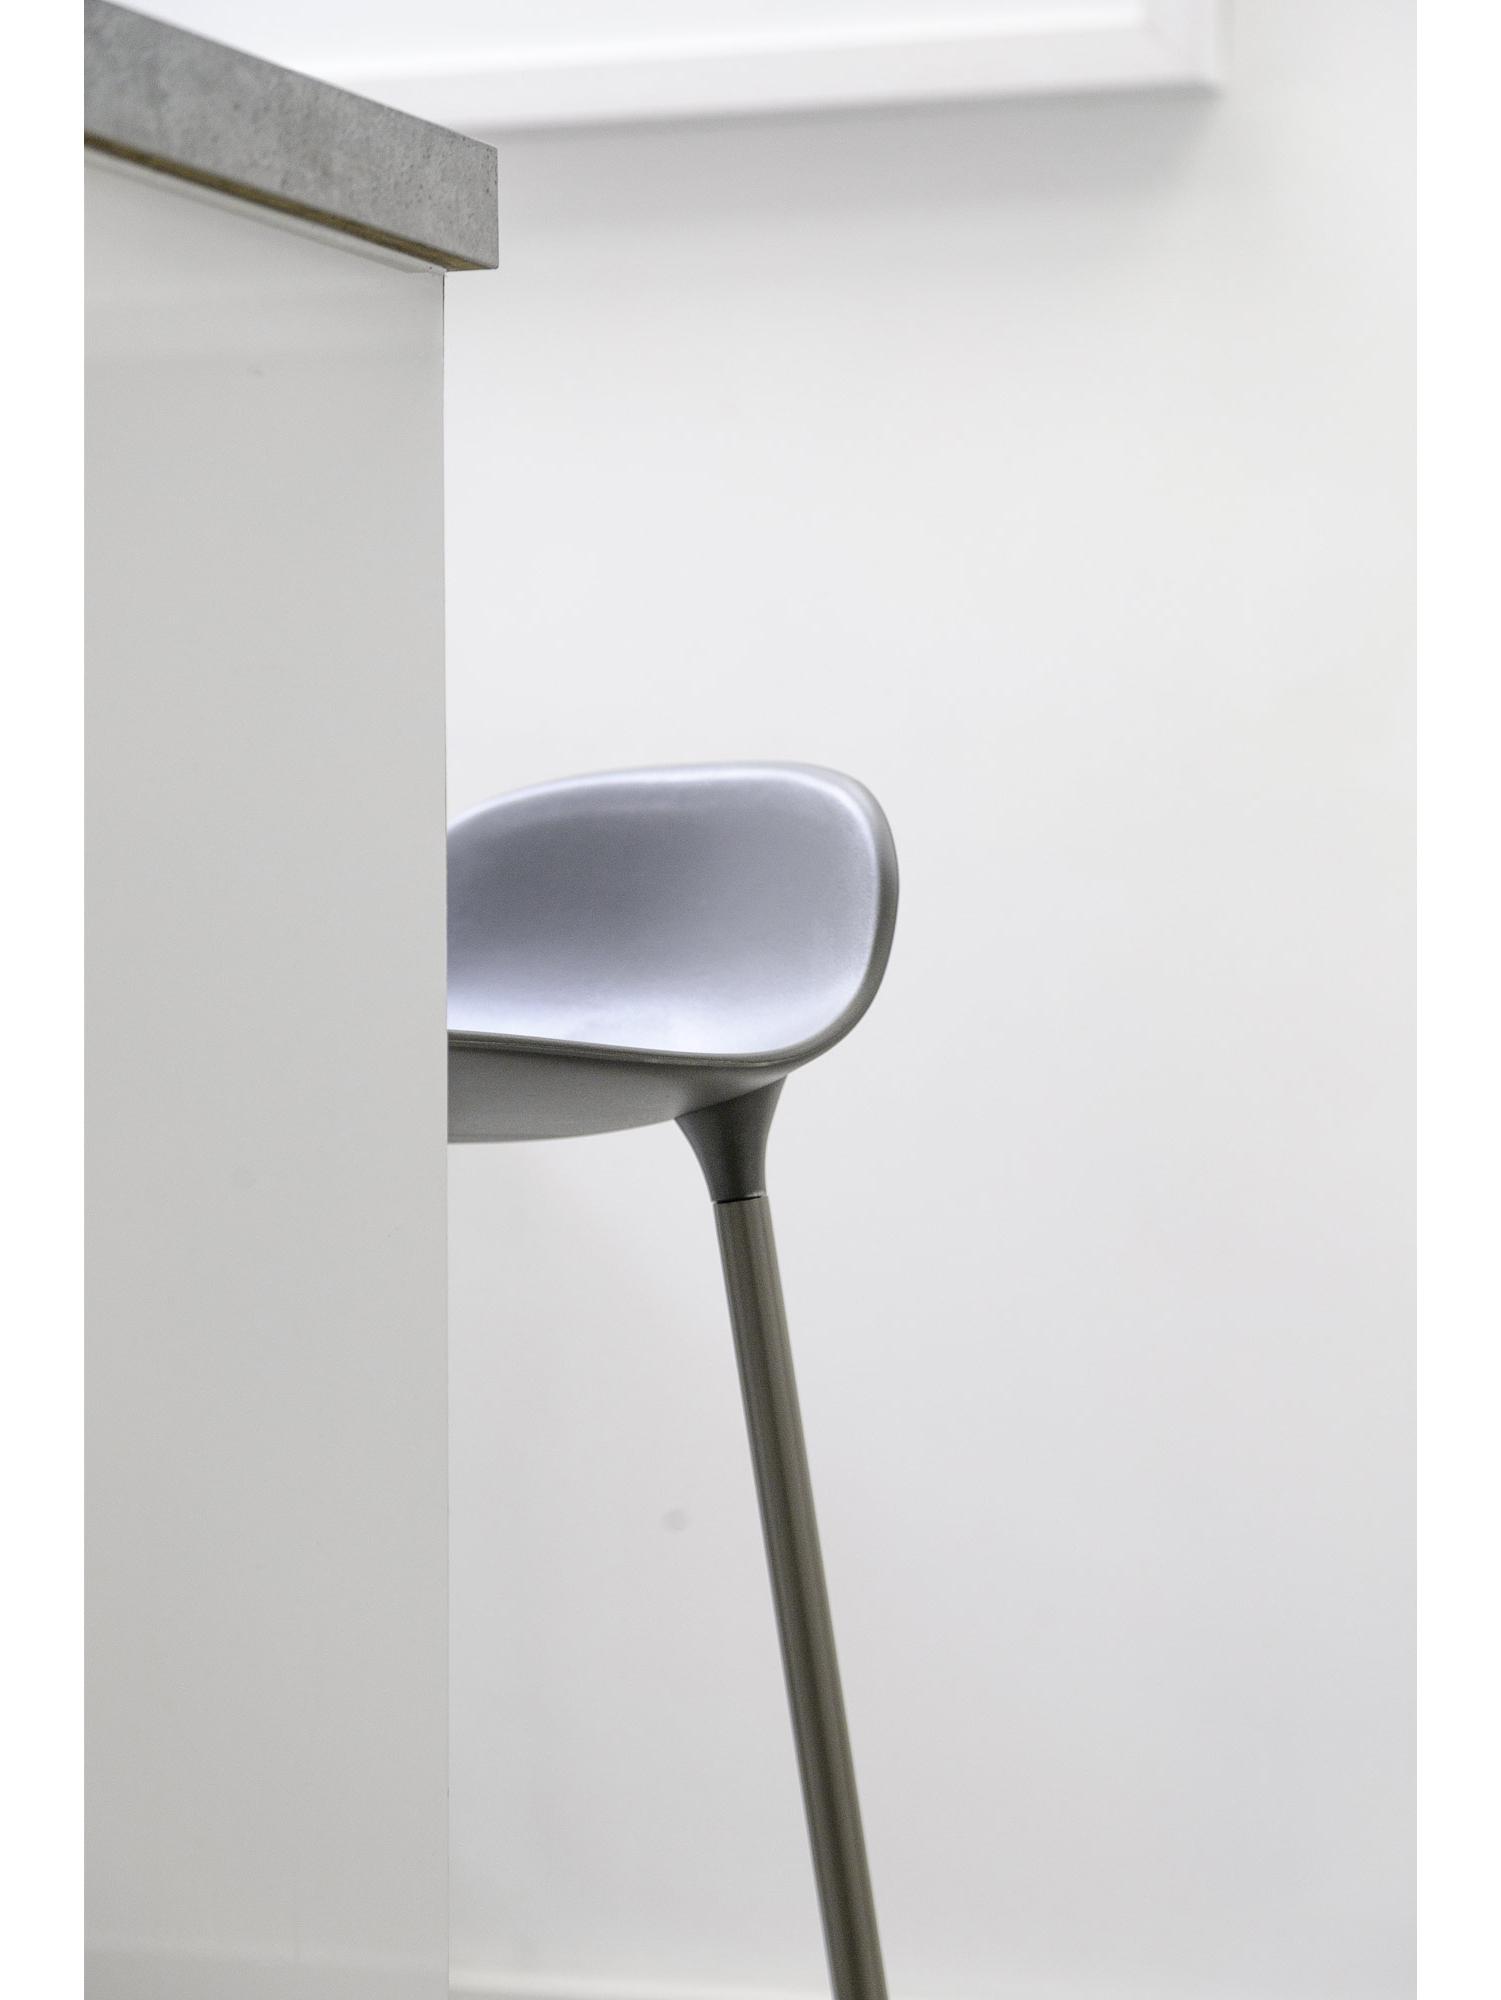 steve-de-vriendt-Study-Barstool02.jpg